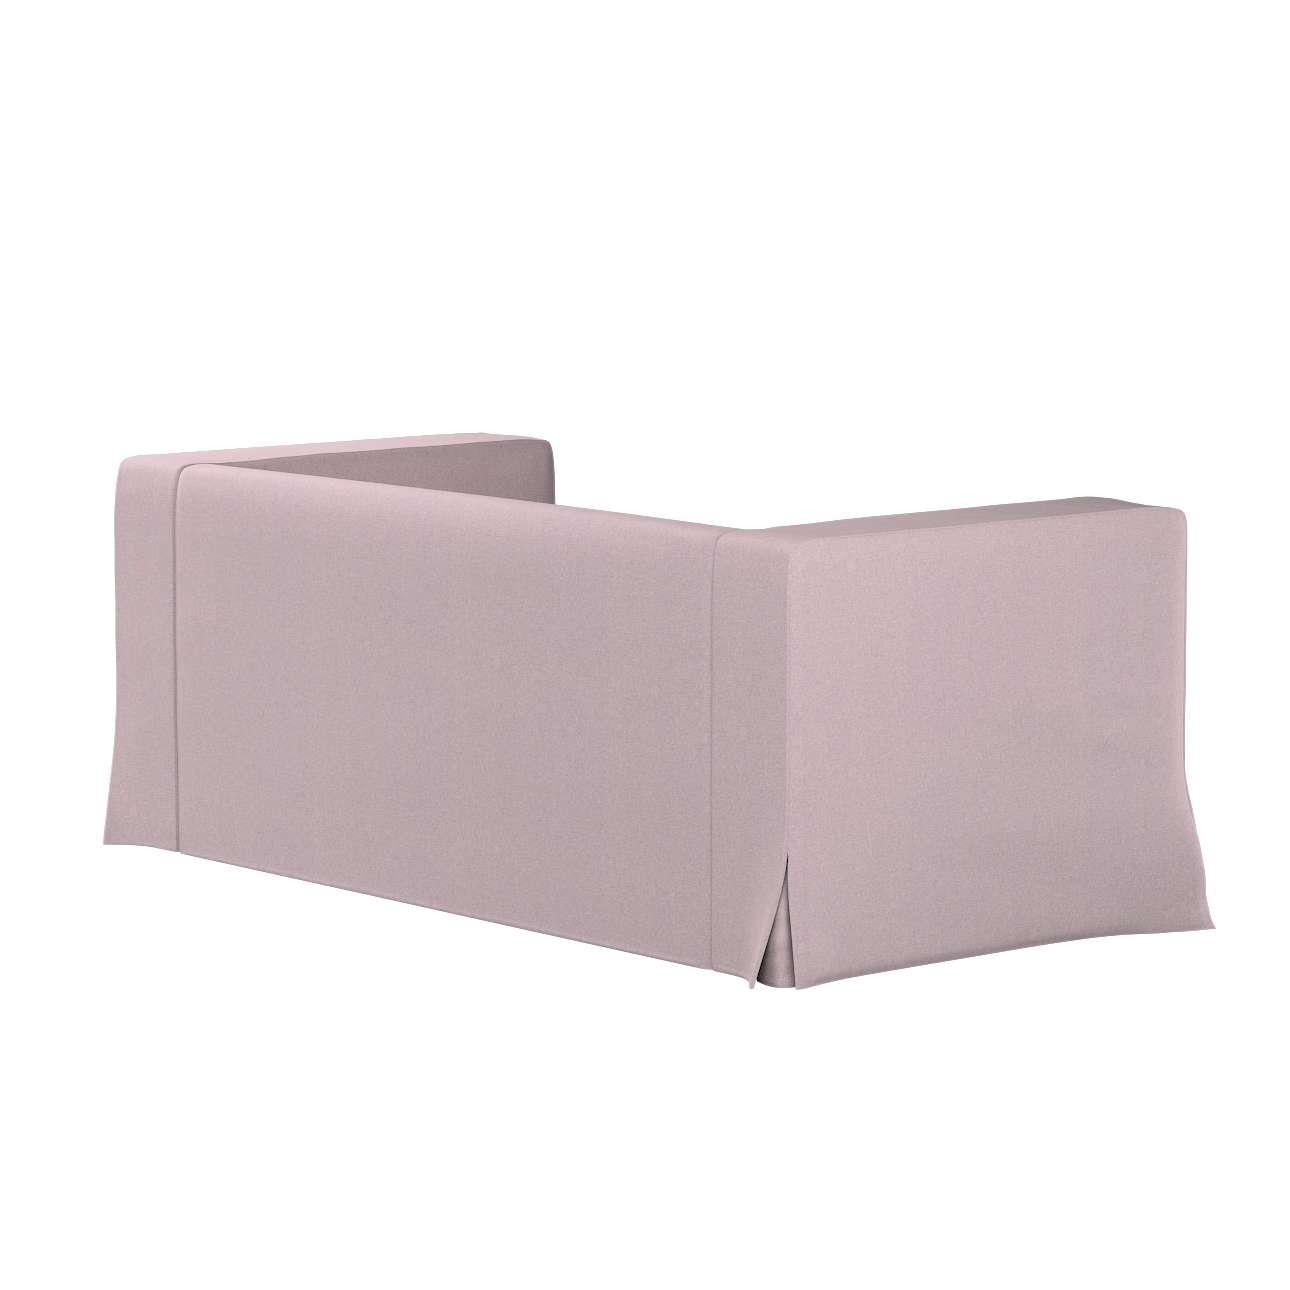 Bezug für Klippan 2-Sitzer Sofa, lang mit Kellerfalte von der Kollektion Amsterdam, Stoff: 704-51